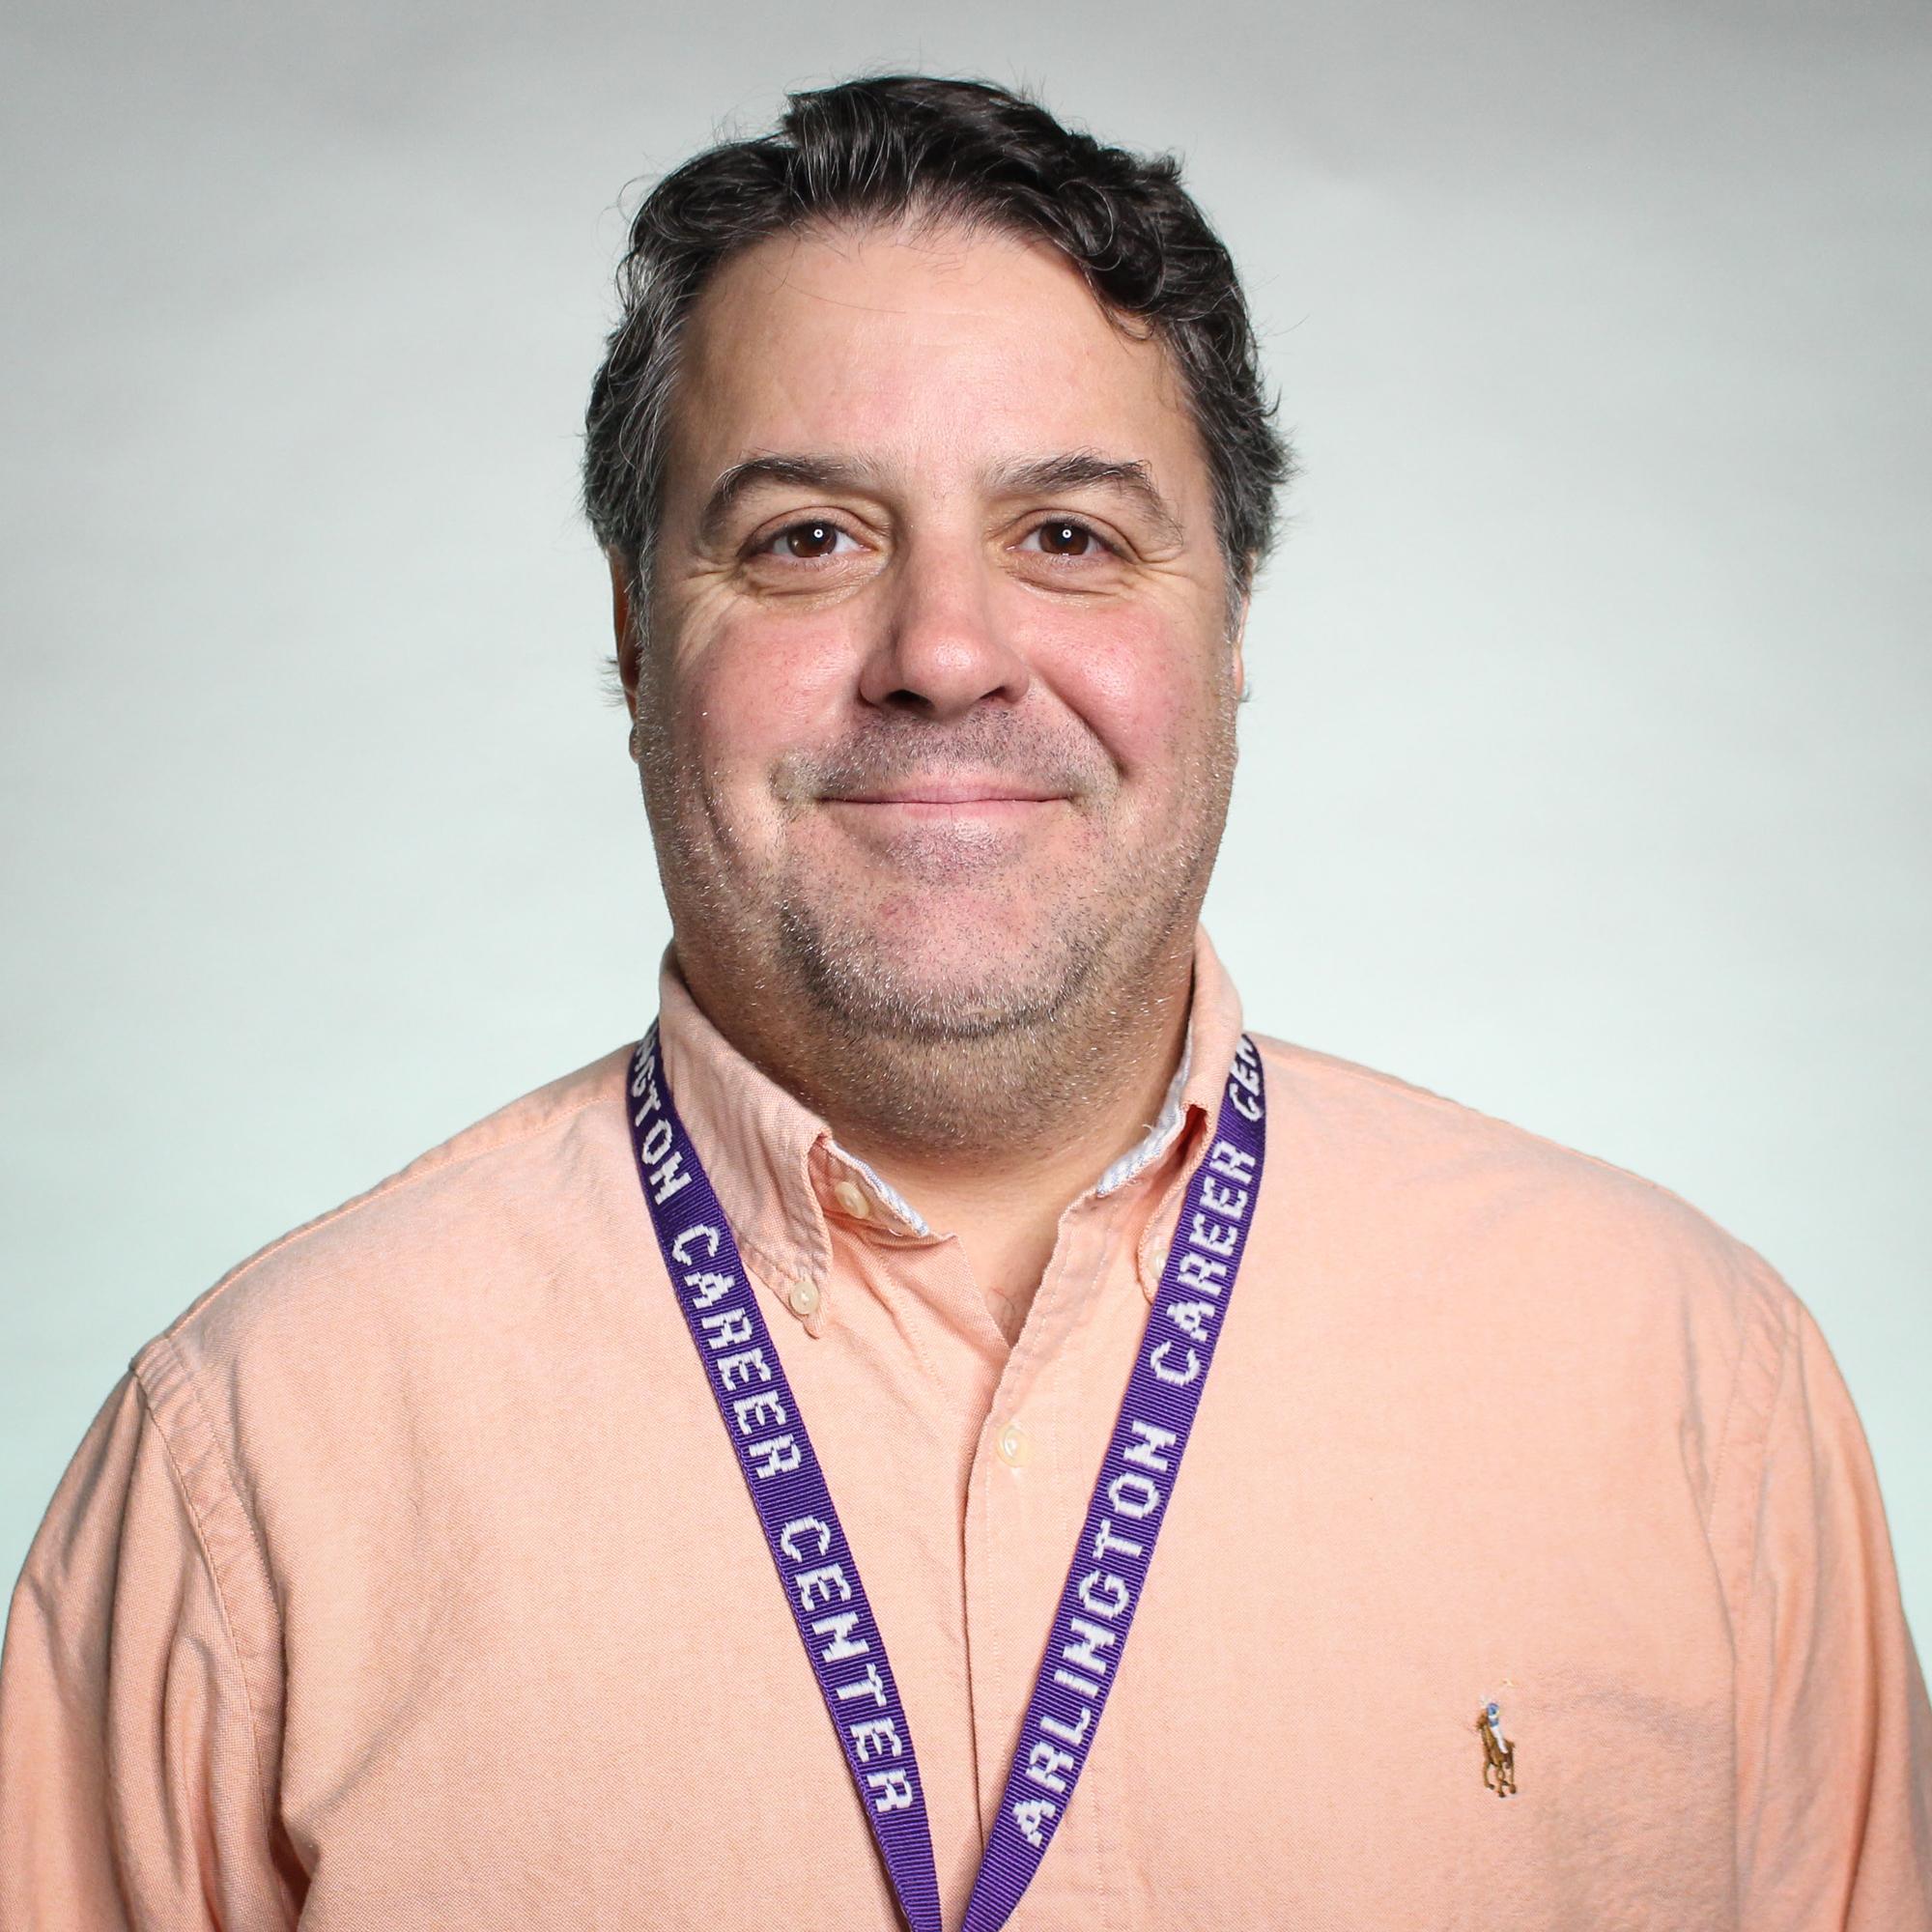 Mr. Byron Schwind